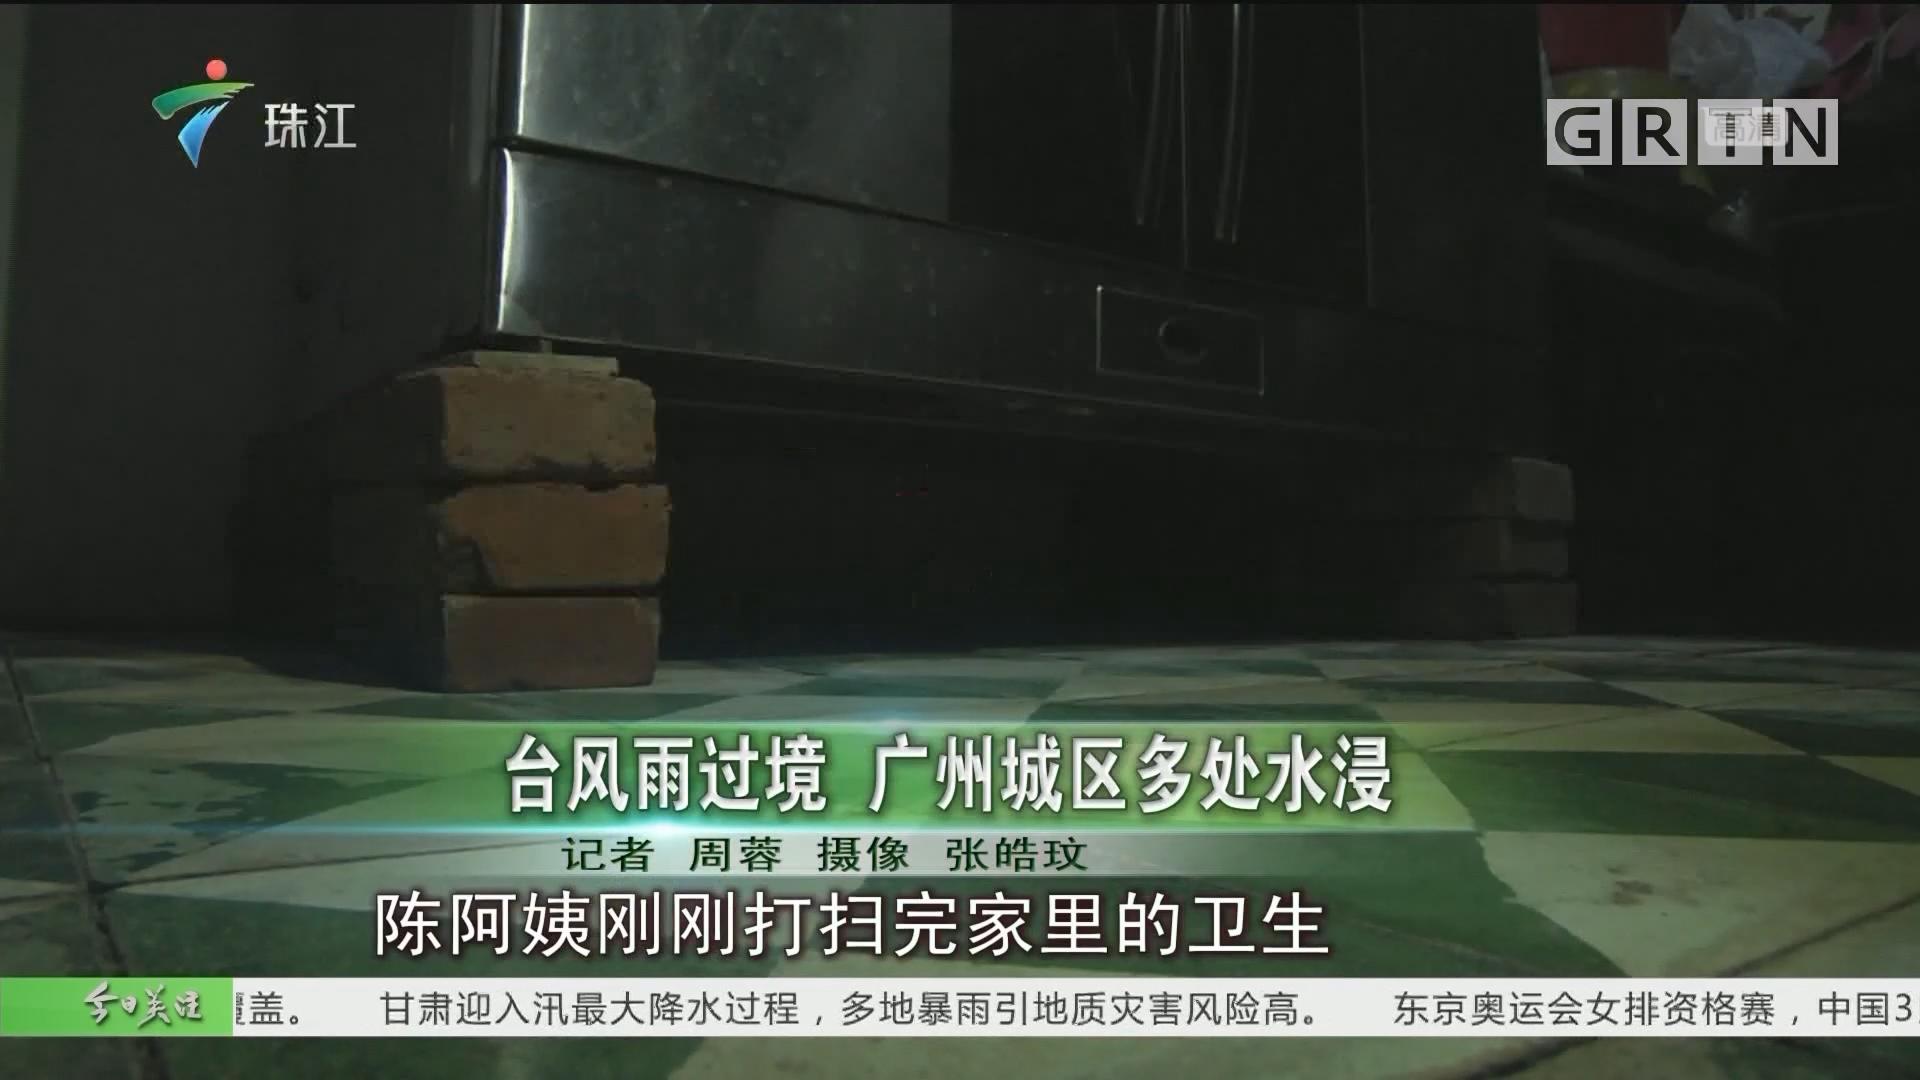 台风雨过境 广州城区多处水浸